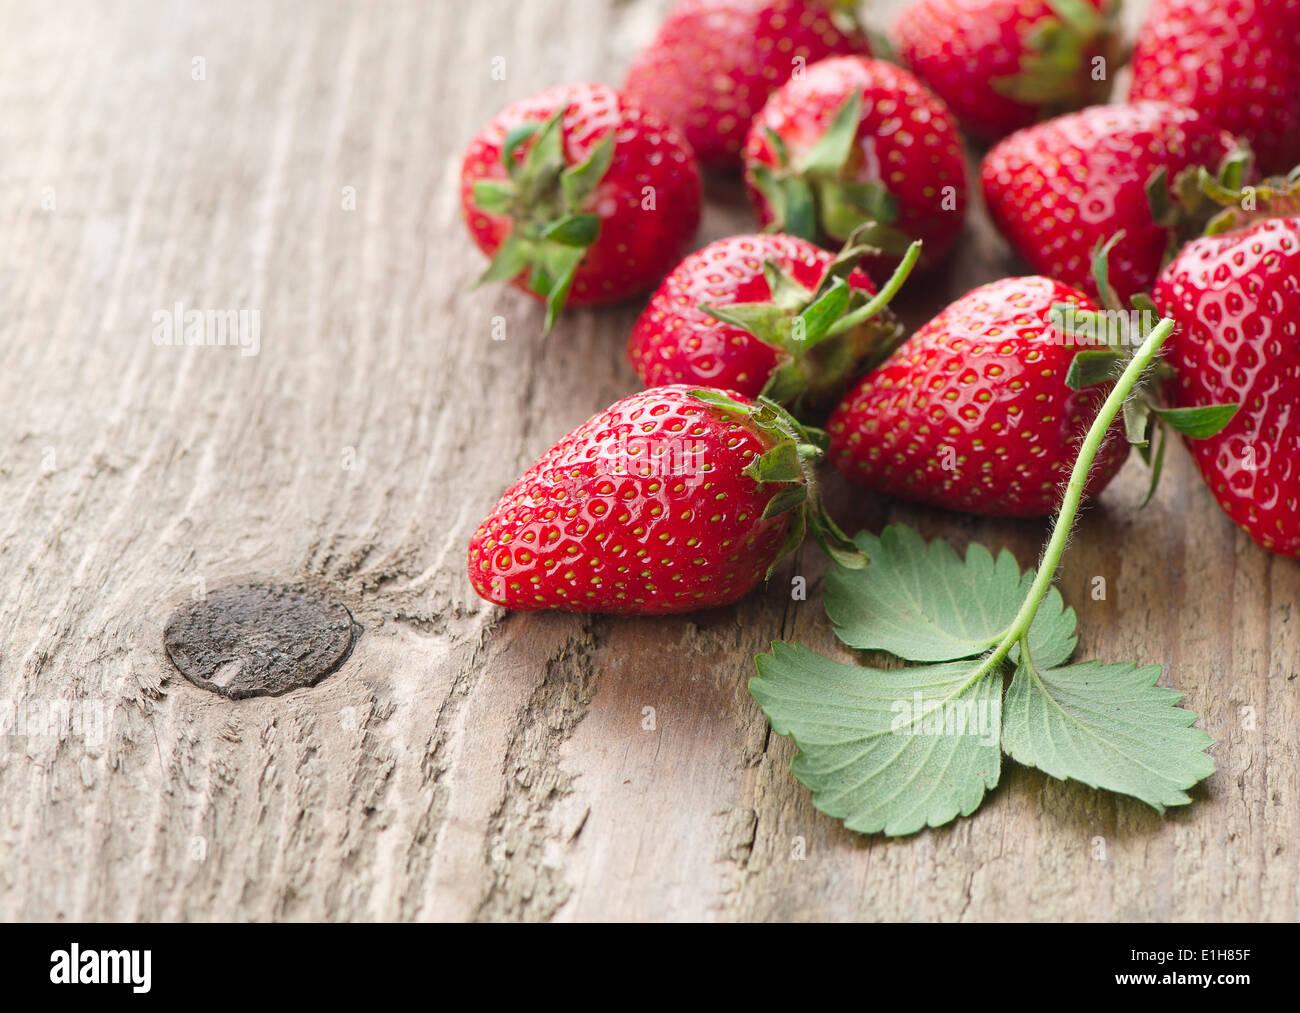 Fresh strawberries - Stock Image